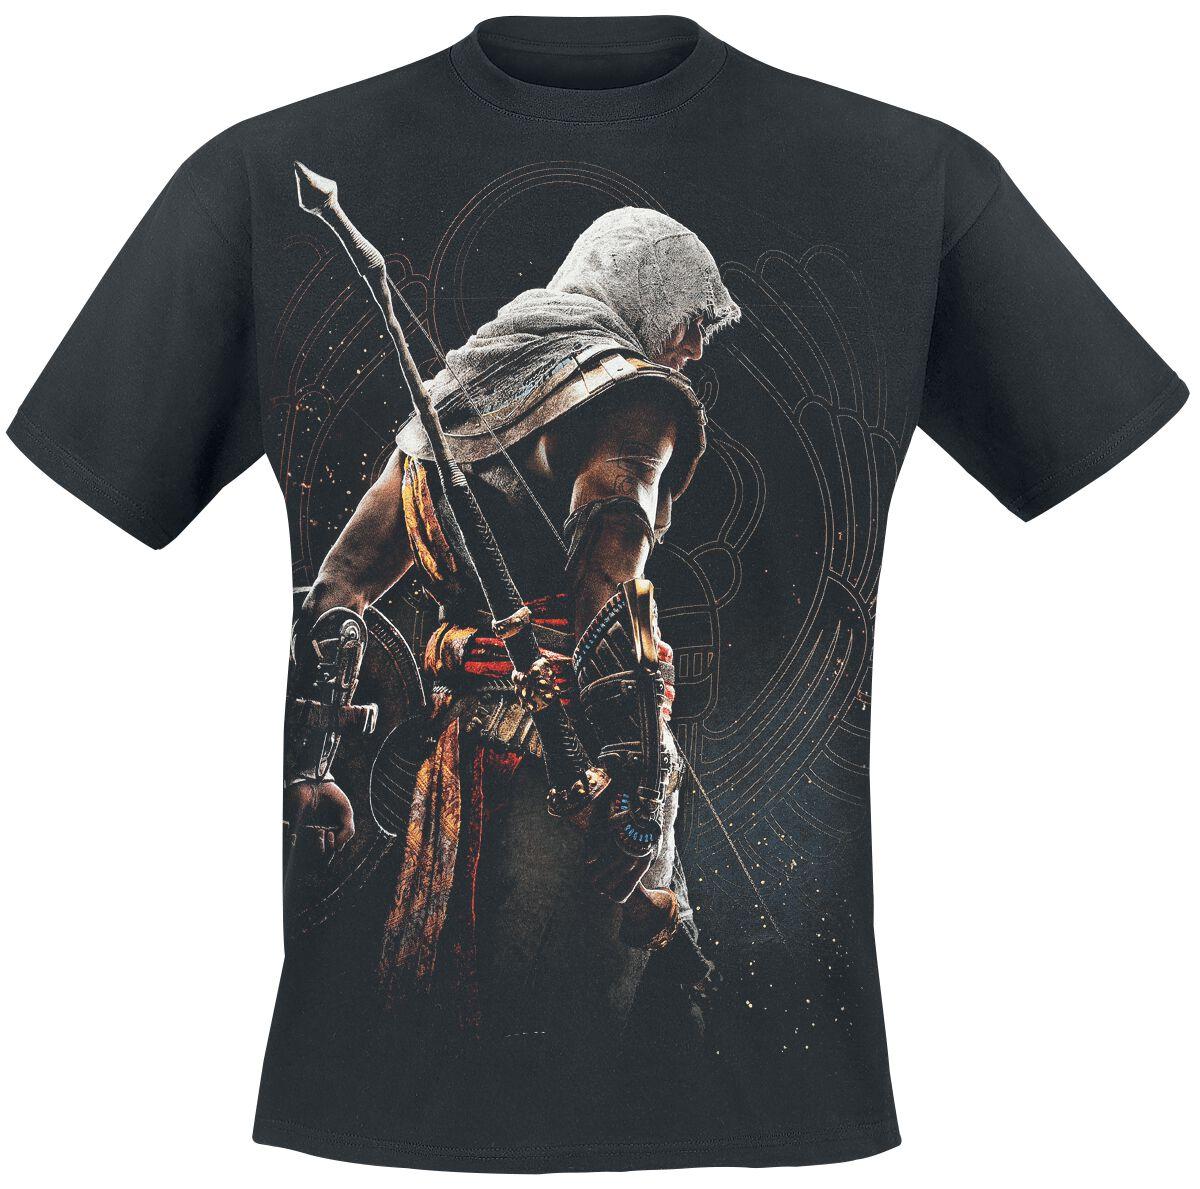 980fc5121 Origins - Bayek | Assassin's Creed T-Shirt | EMP